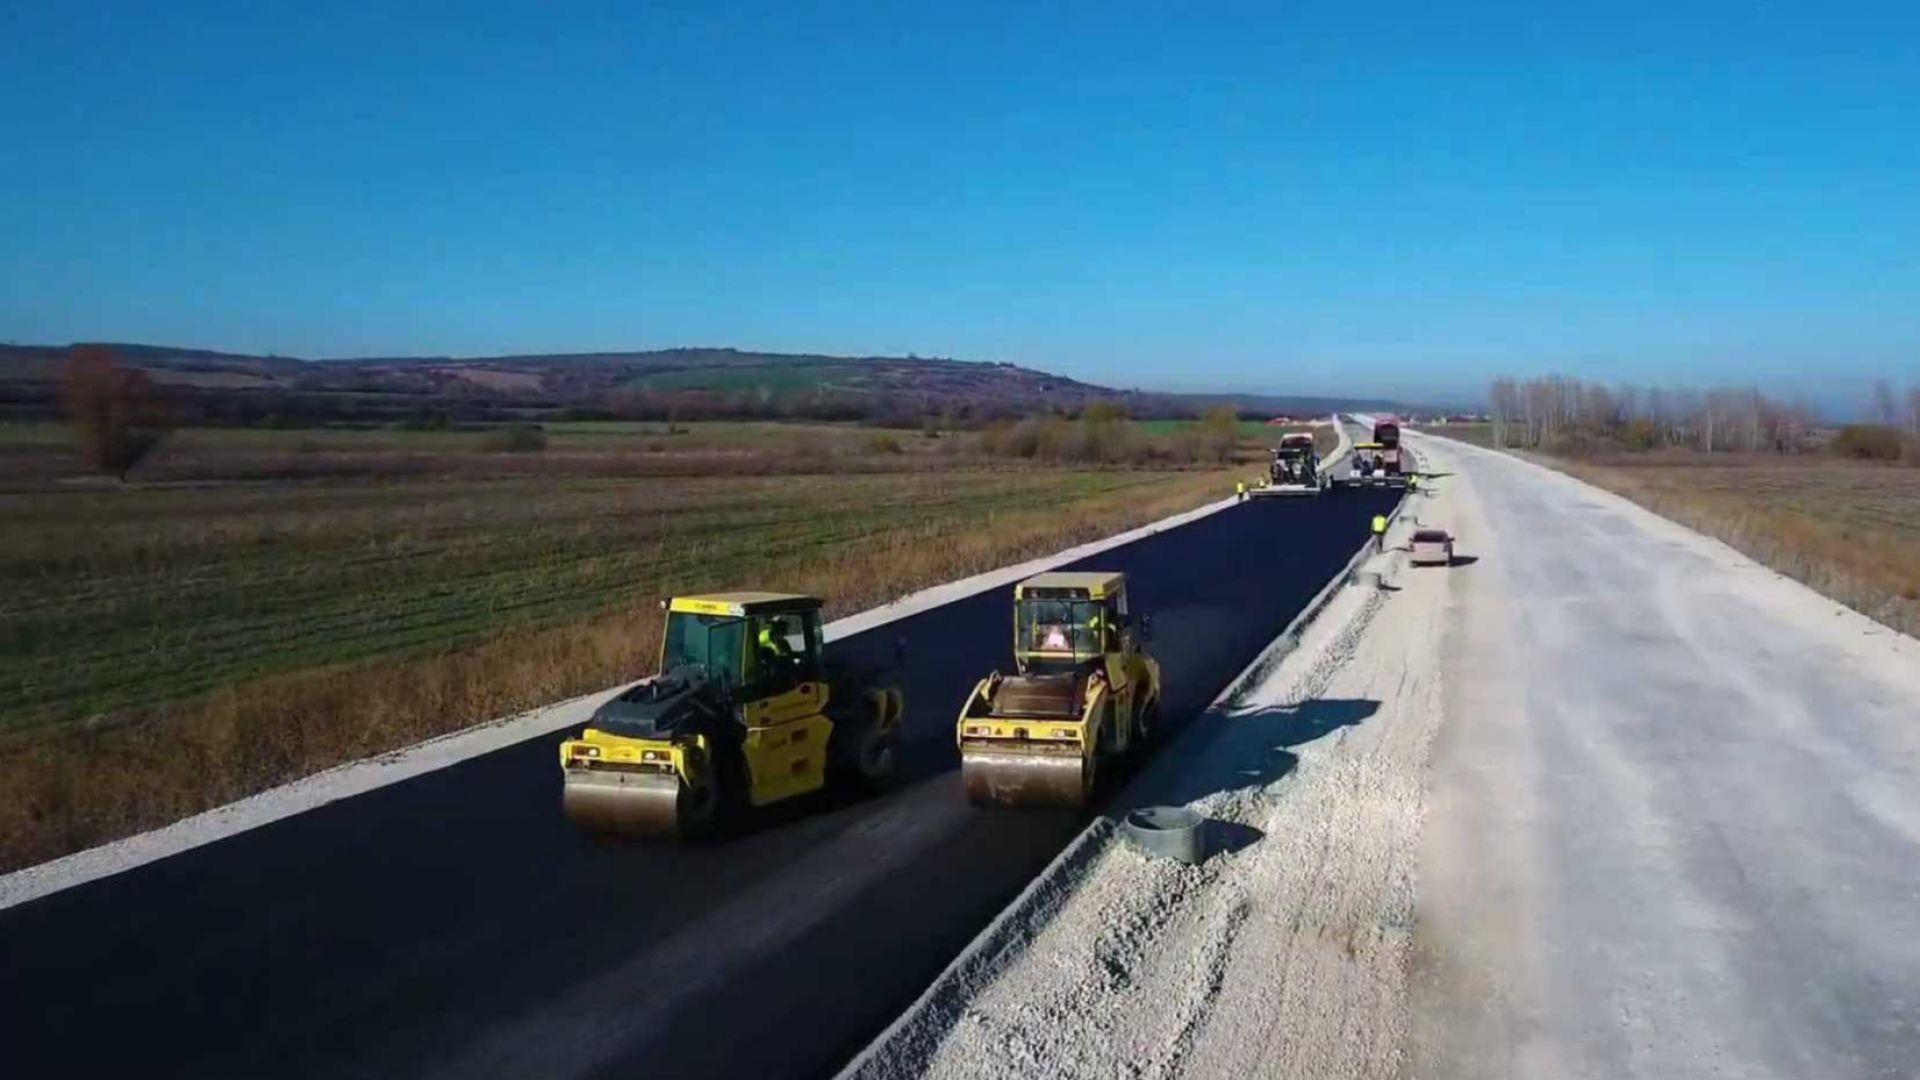 """Започна полагането на асфалта на """"Хемус"""" между Боаза и """"Дерманци"""" (снимки/видео)"""